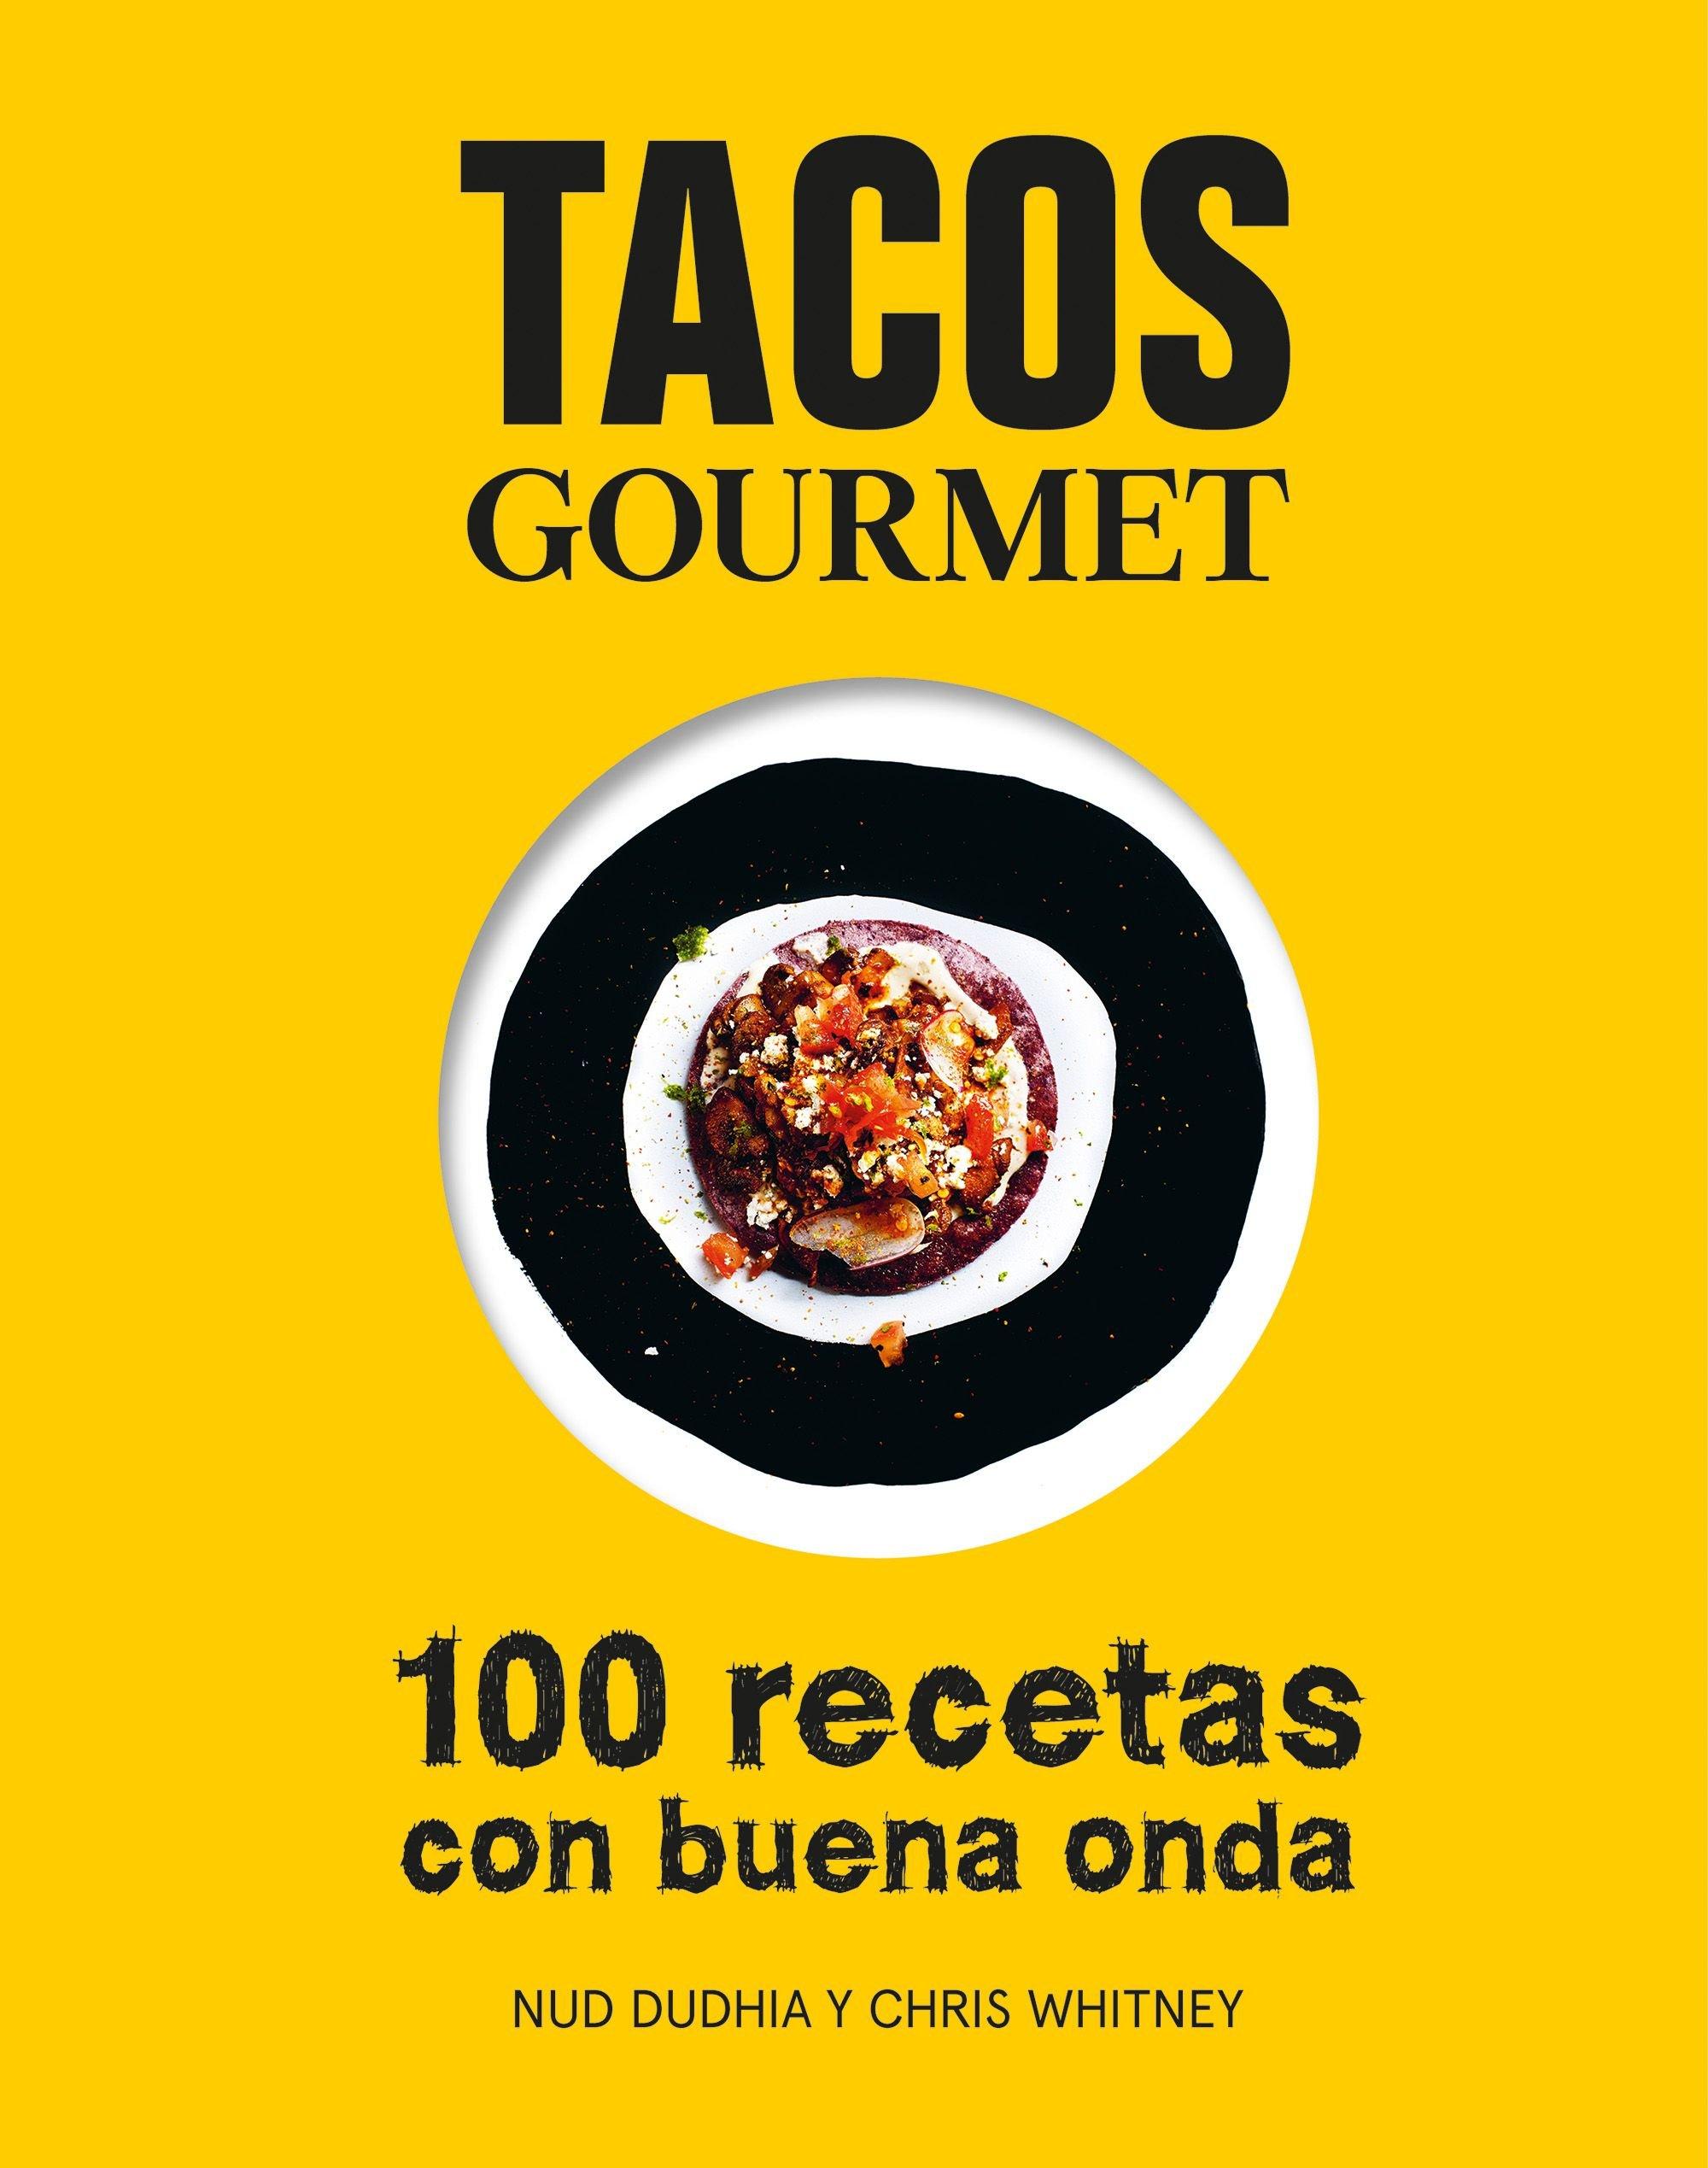 Tacos gourmet: 100 recetas con buena onda